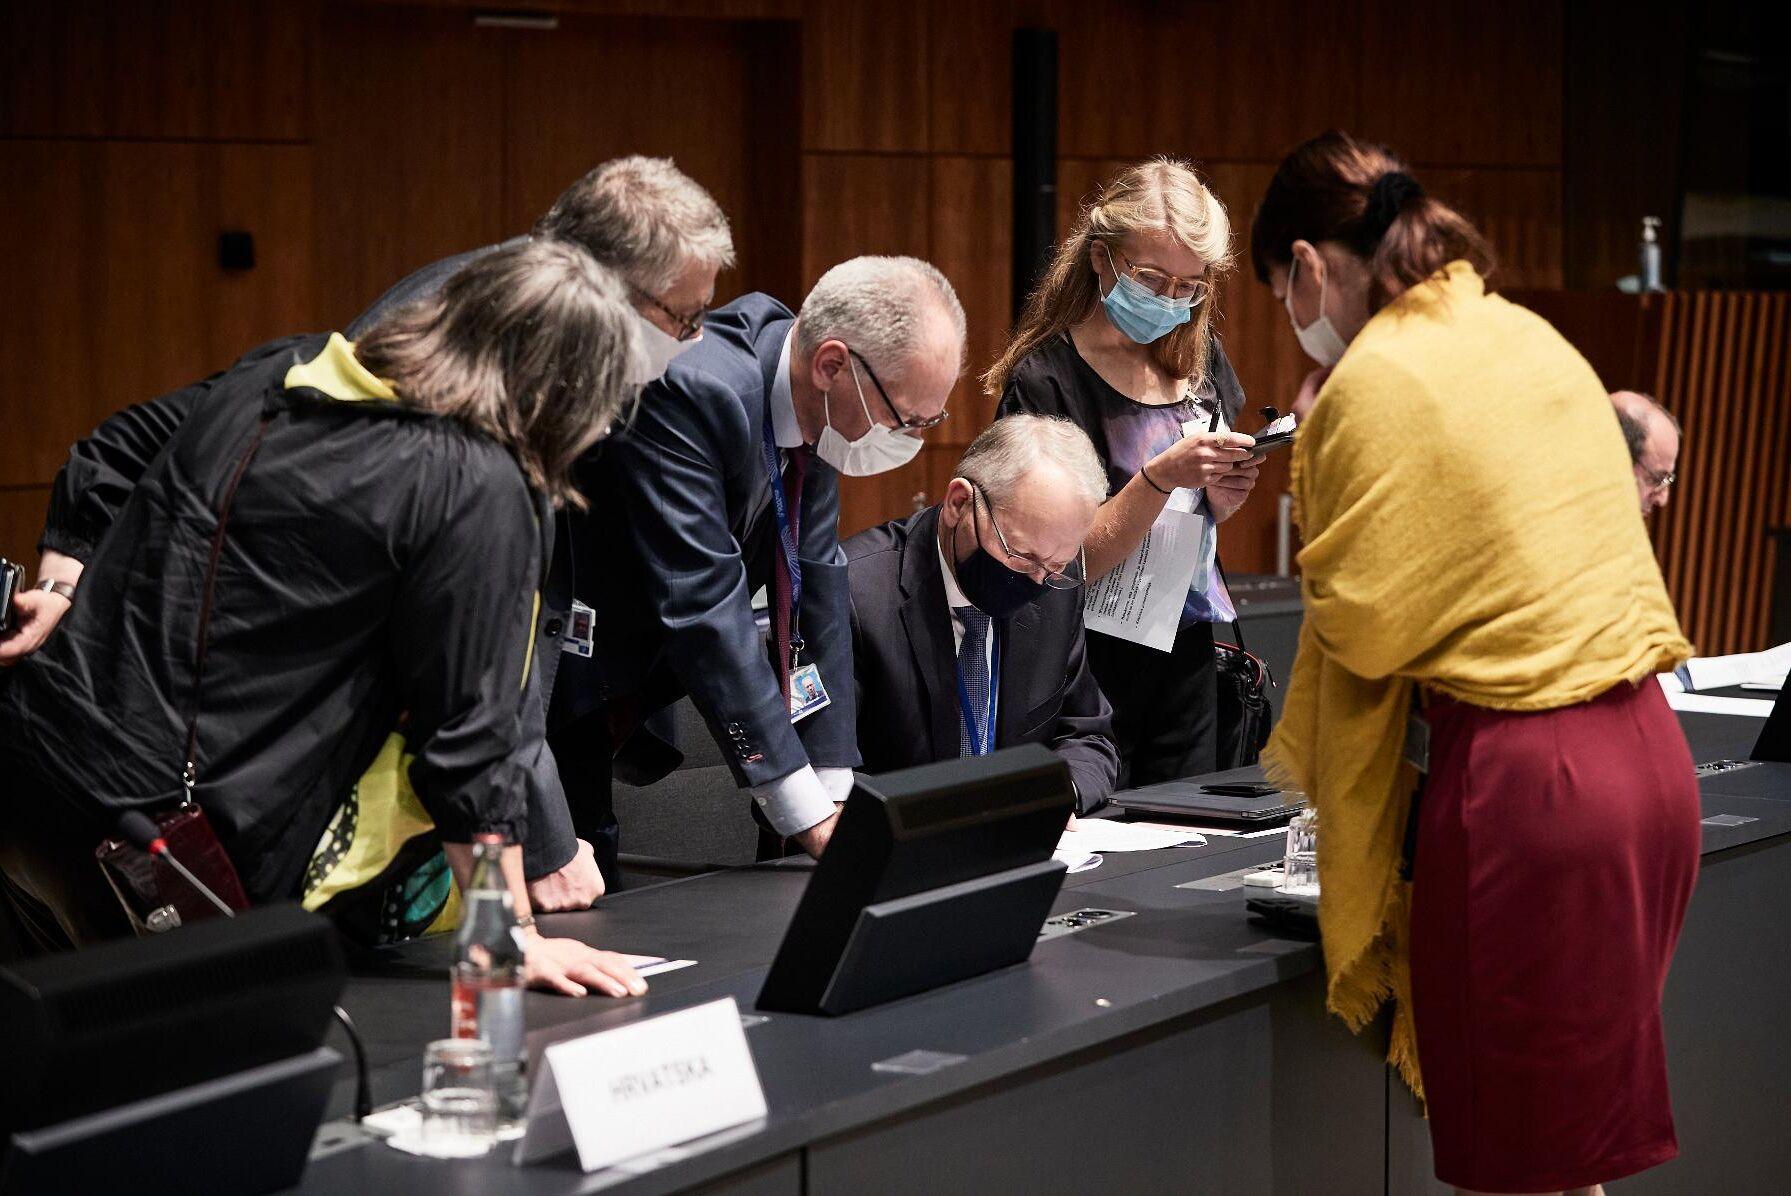 Jordbruksministrarna manglade olika kompromisser långt in på småtimmarna. Här granskar den finska delegationen, med minister Jari Leppä sittande i mitten, nya förslag.